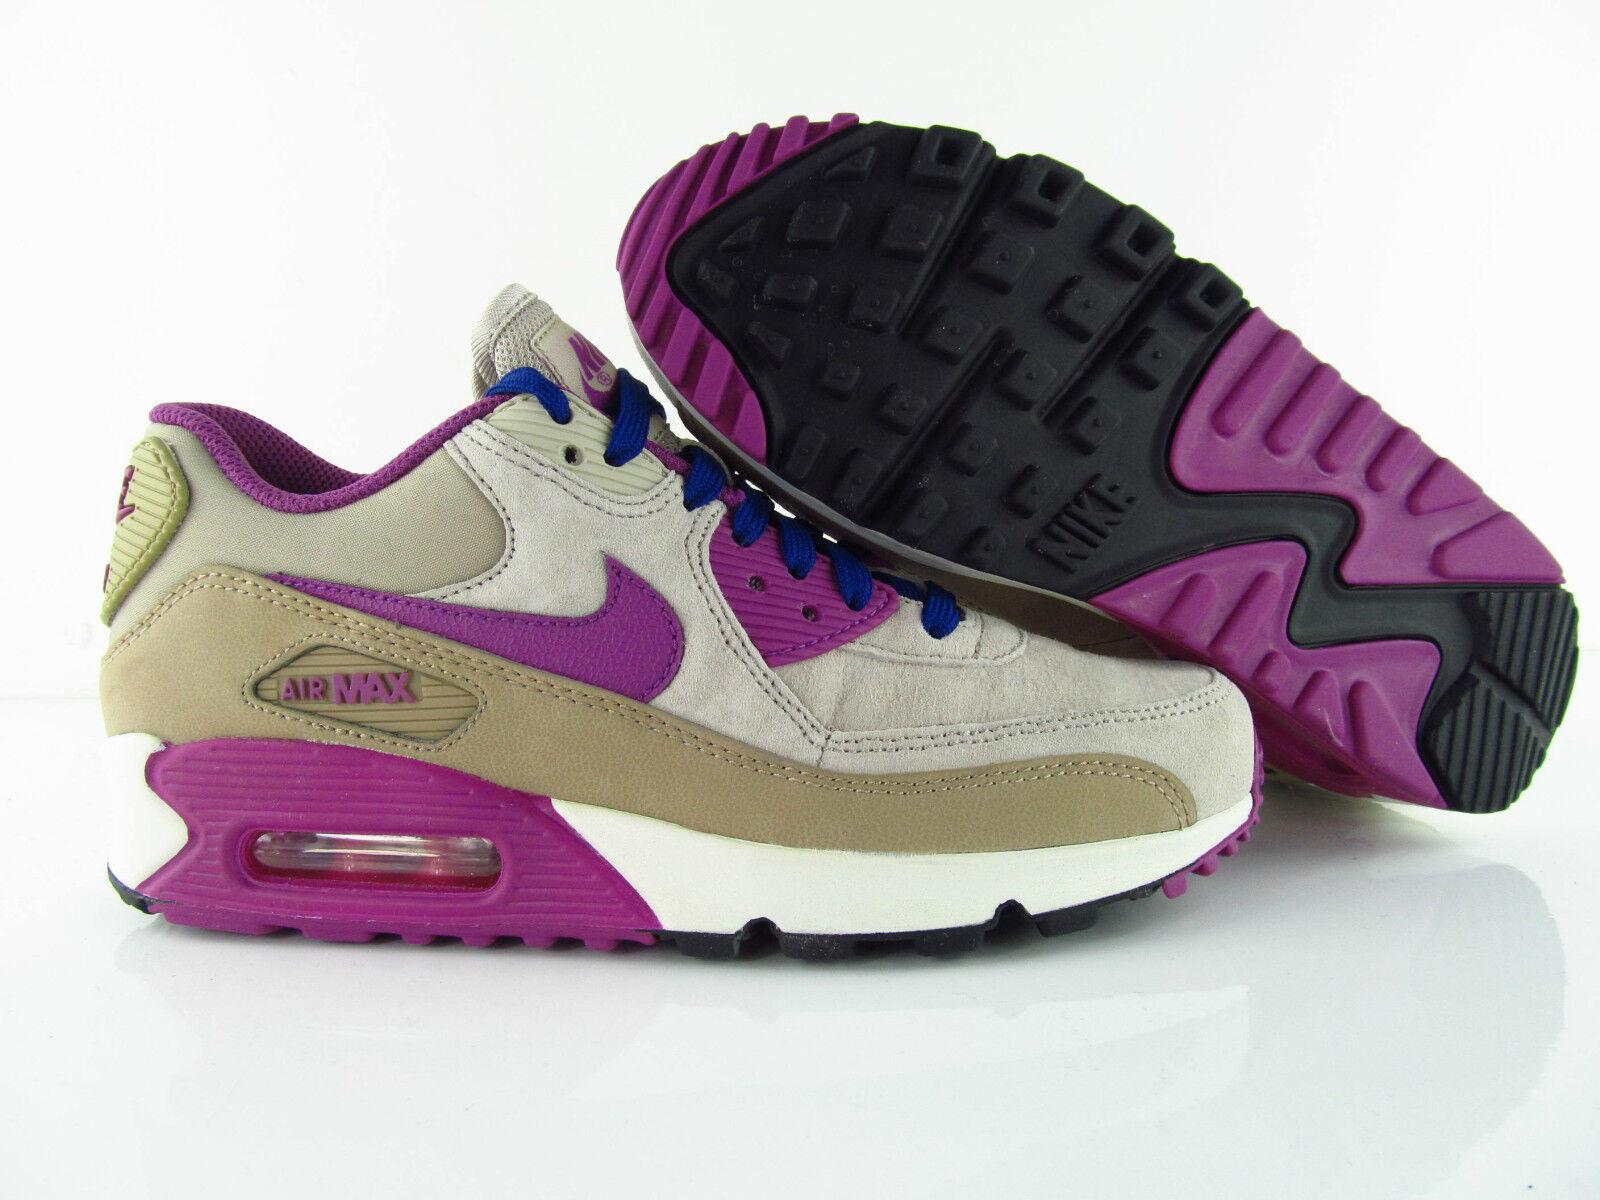 Nike Air Max 90 LTHR Leder  Desert  Camo Purple New UK_4.5  Desert US_7 Eur 38 22e8ae